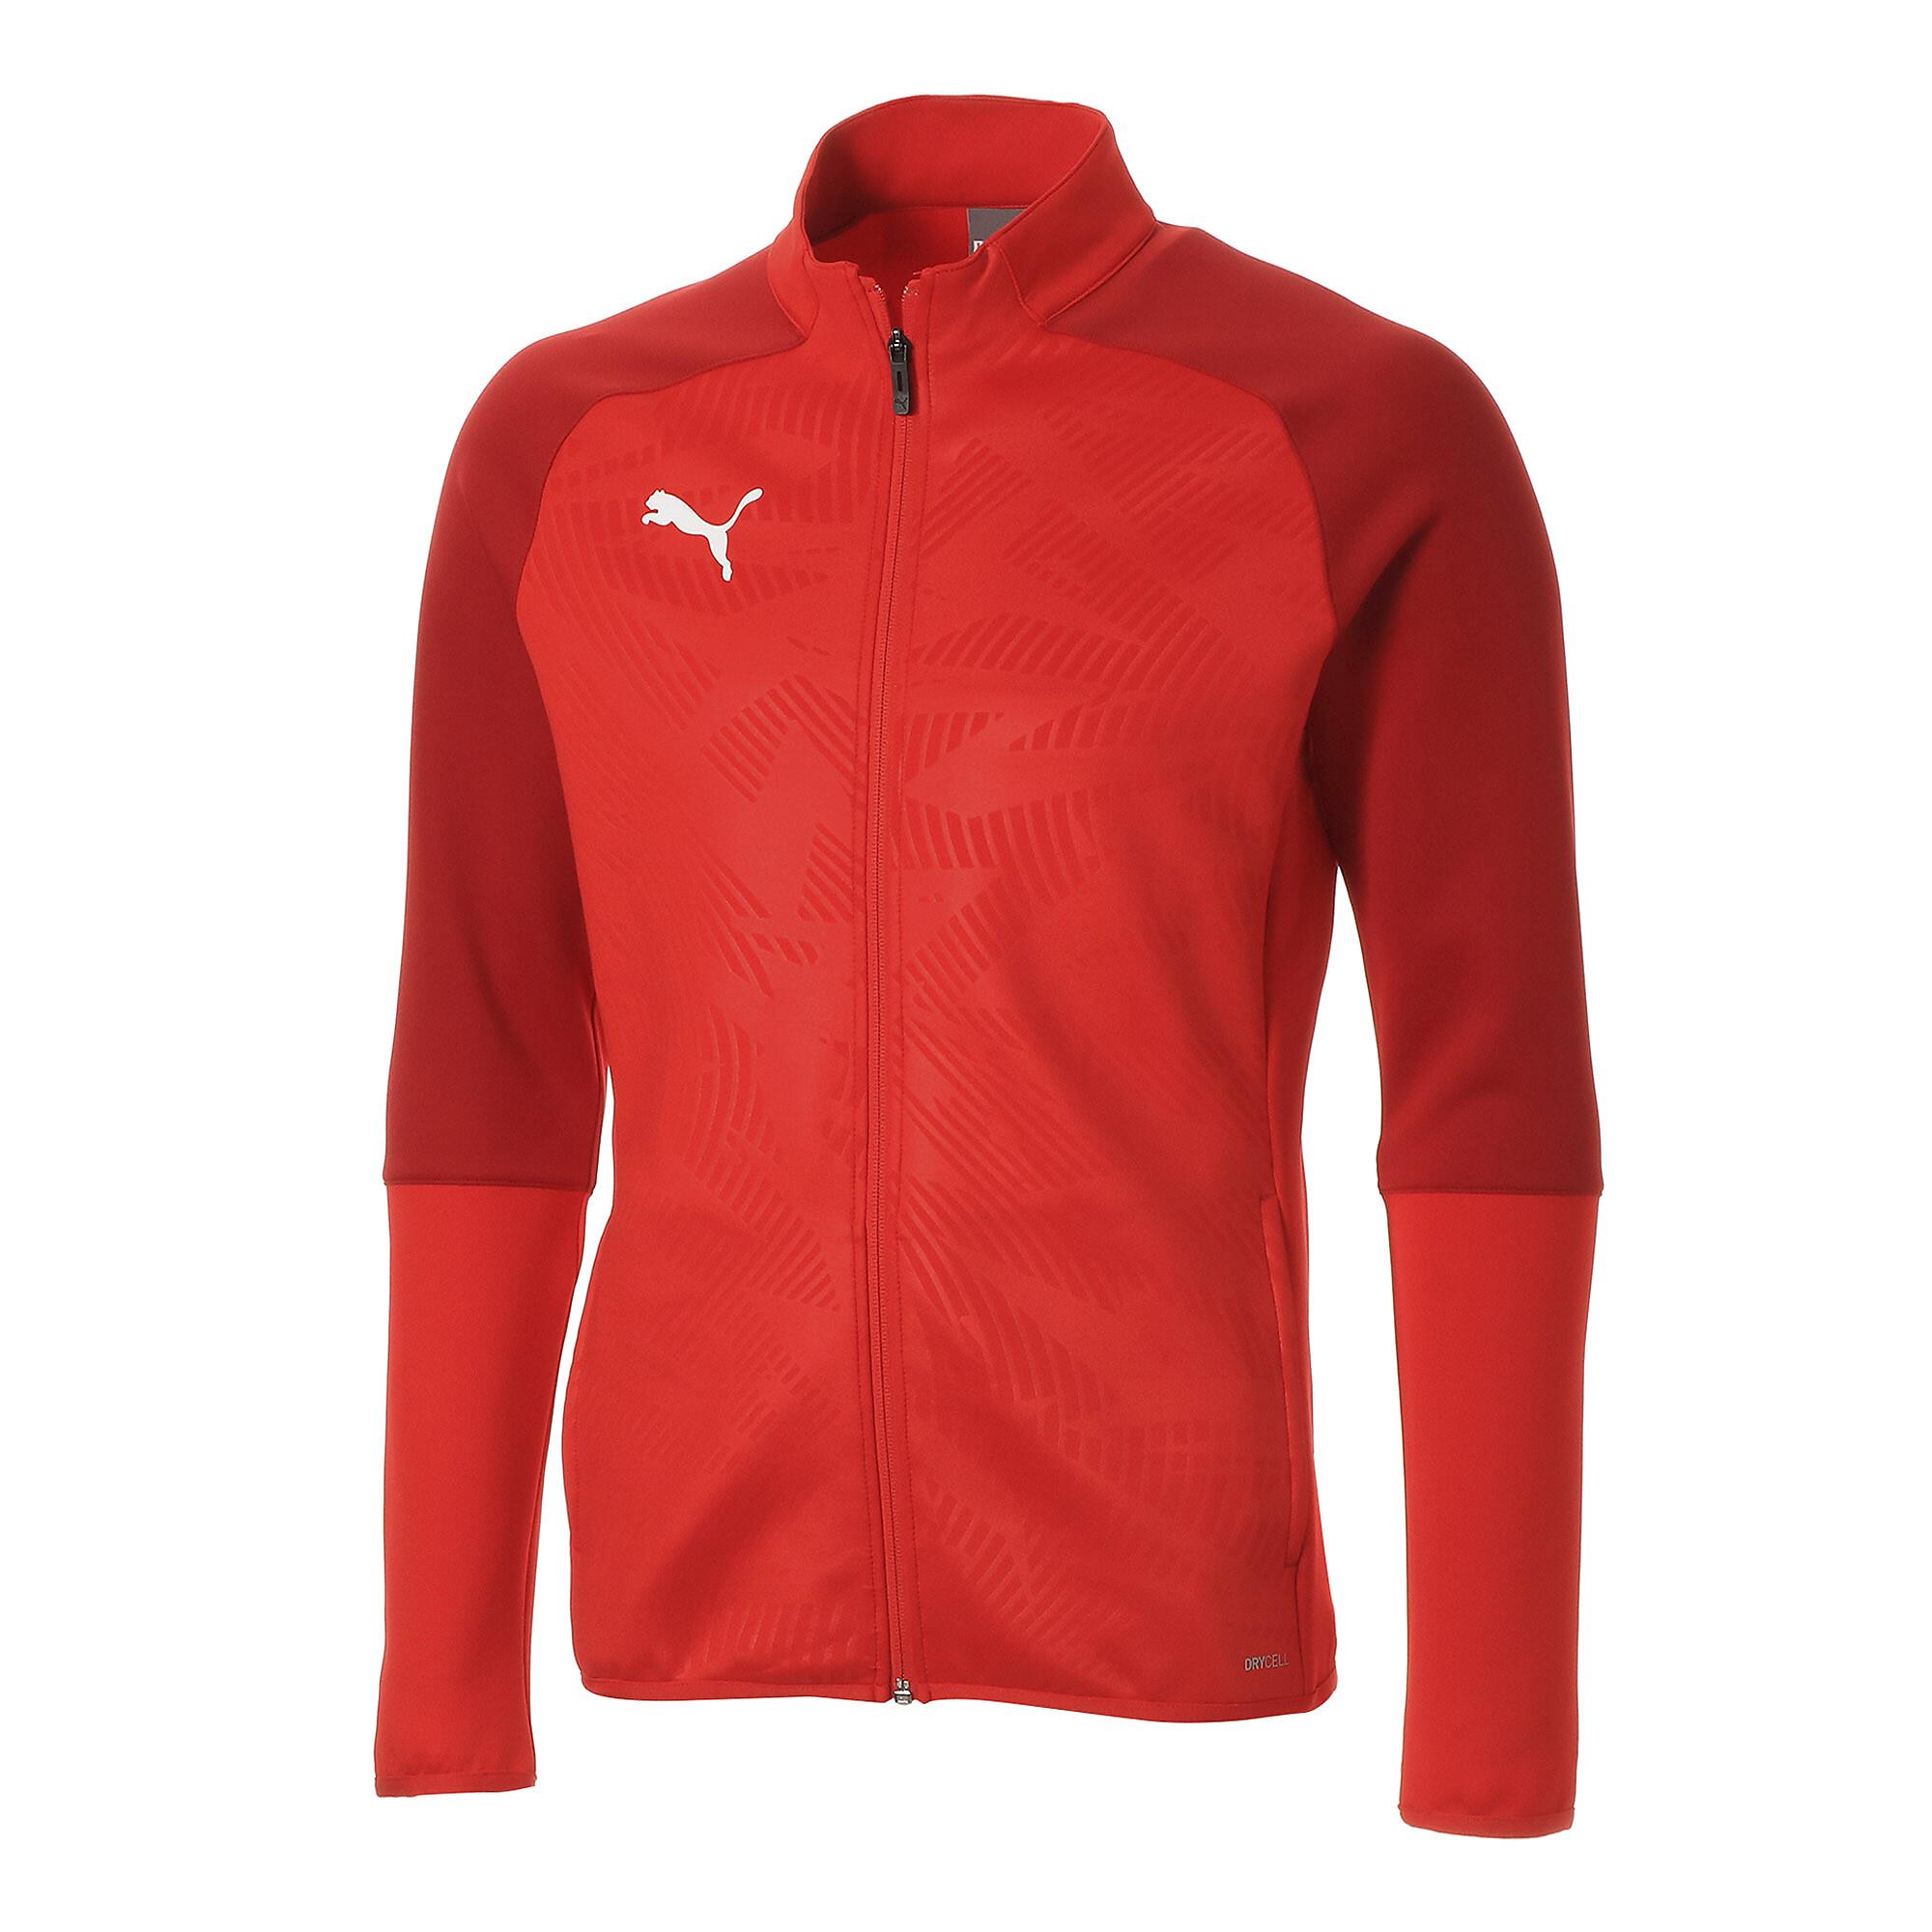 【プーマ公式通販】 プーマ カップ トレーニング ジャケット メンズ Puma Red |PUMA.com